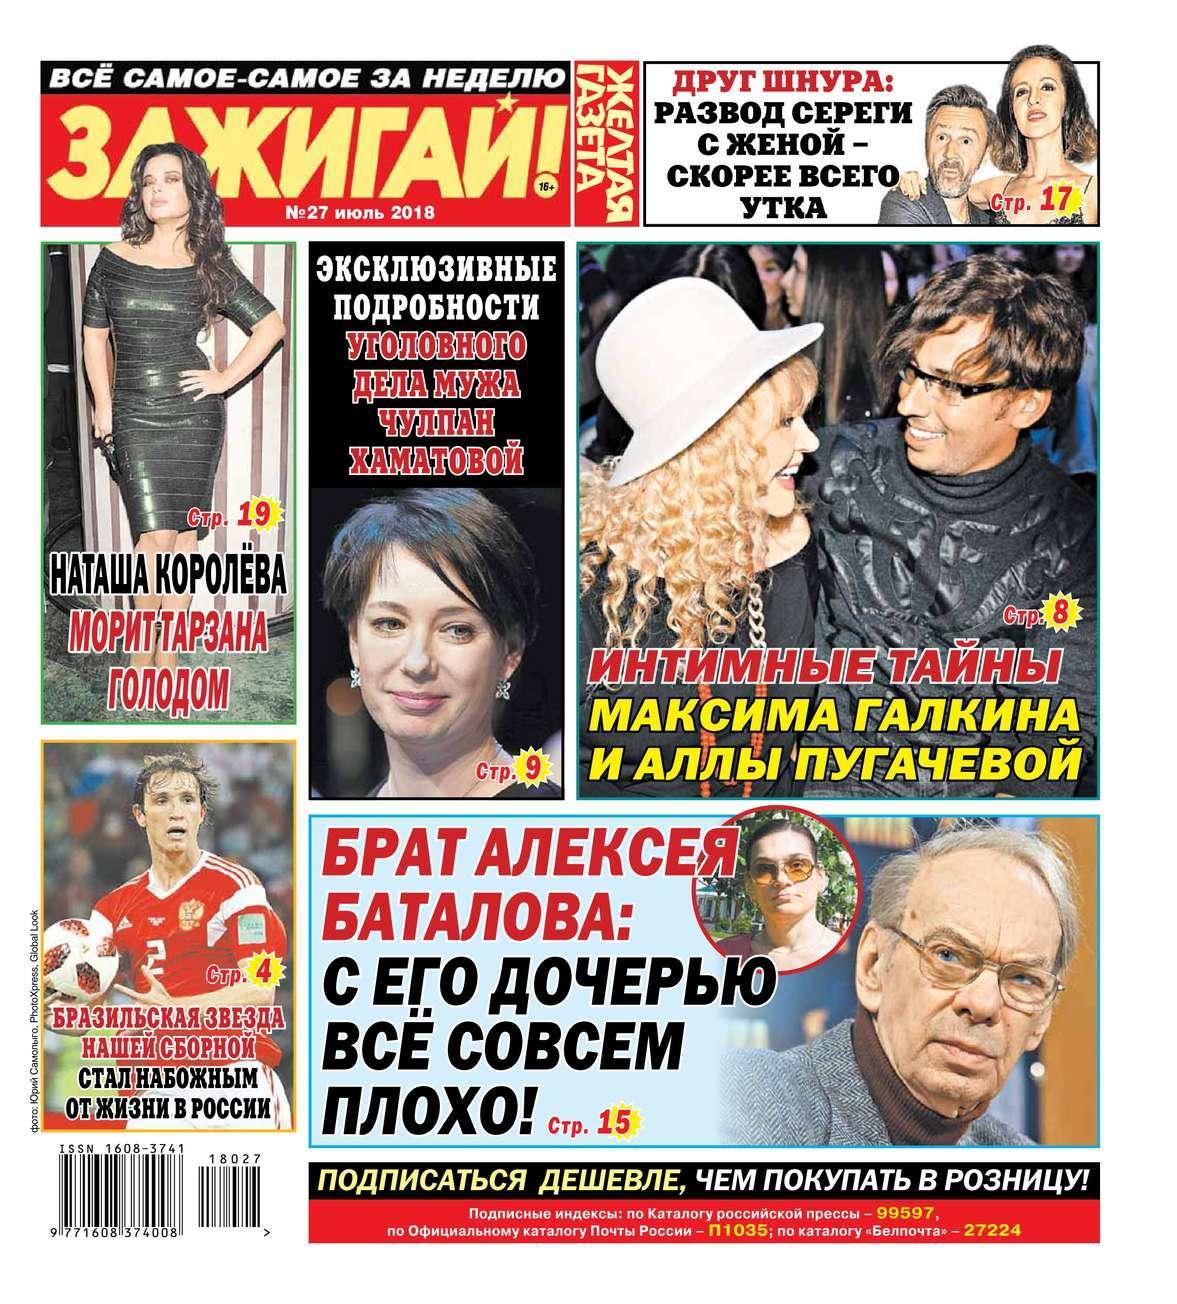 Желтая Газета. Зажигай! 27-2018